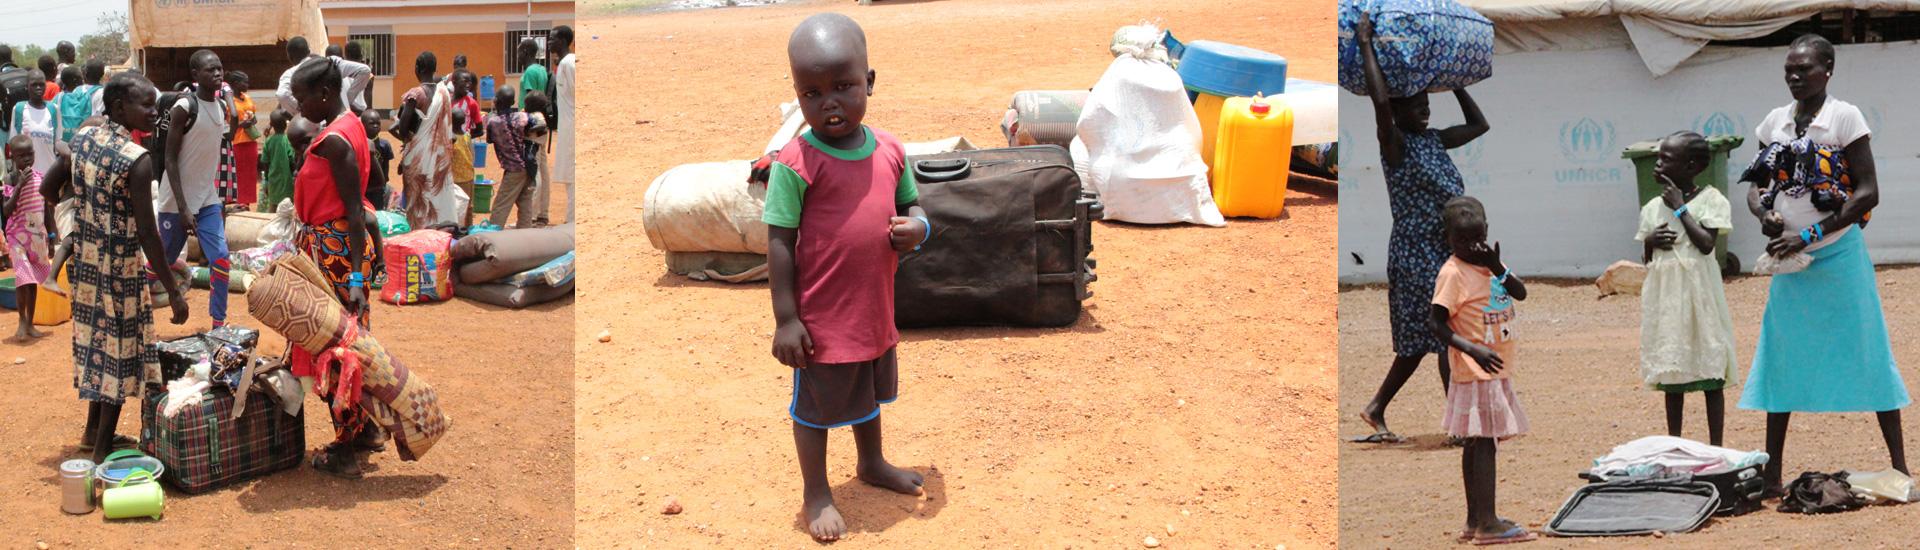 Día Mundial de los Refugiados: acompañar y ayudar a más de 80 millones de personas